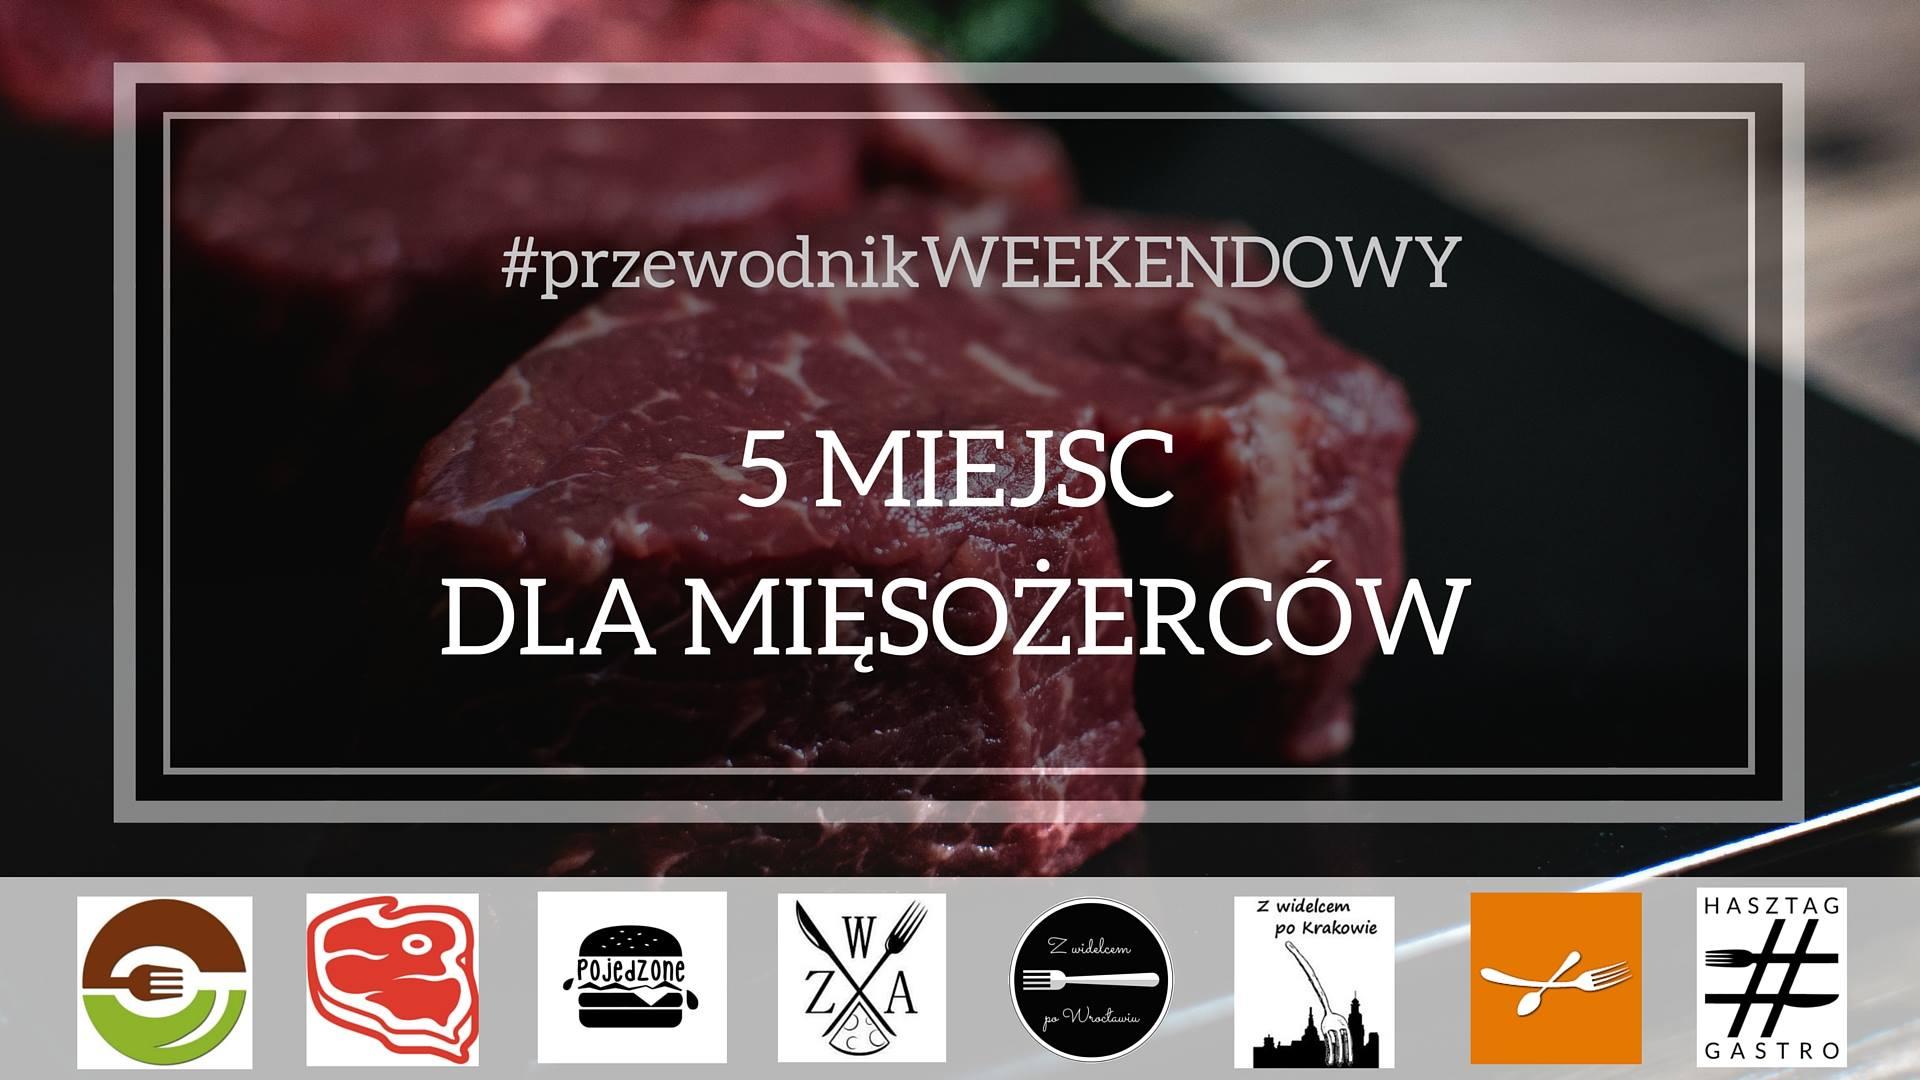 Kraków - 5 miejsc dla mięsożerców - przewodnik weekendowy